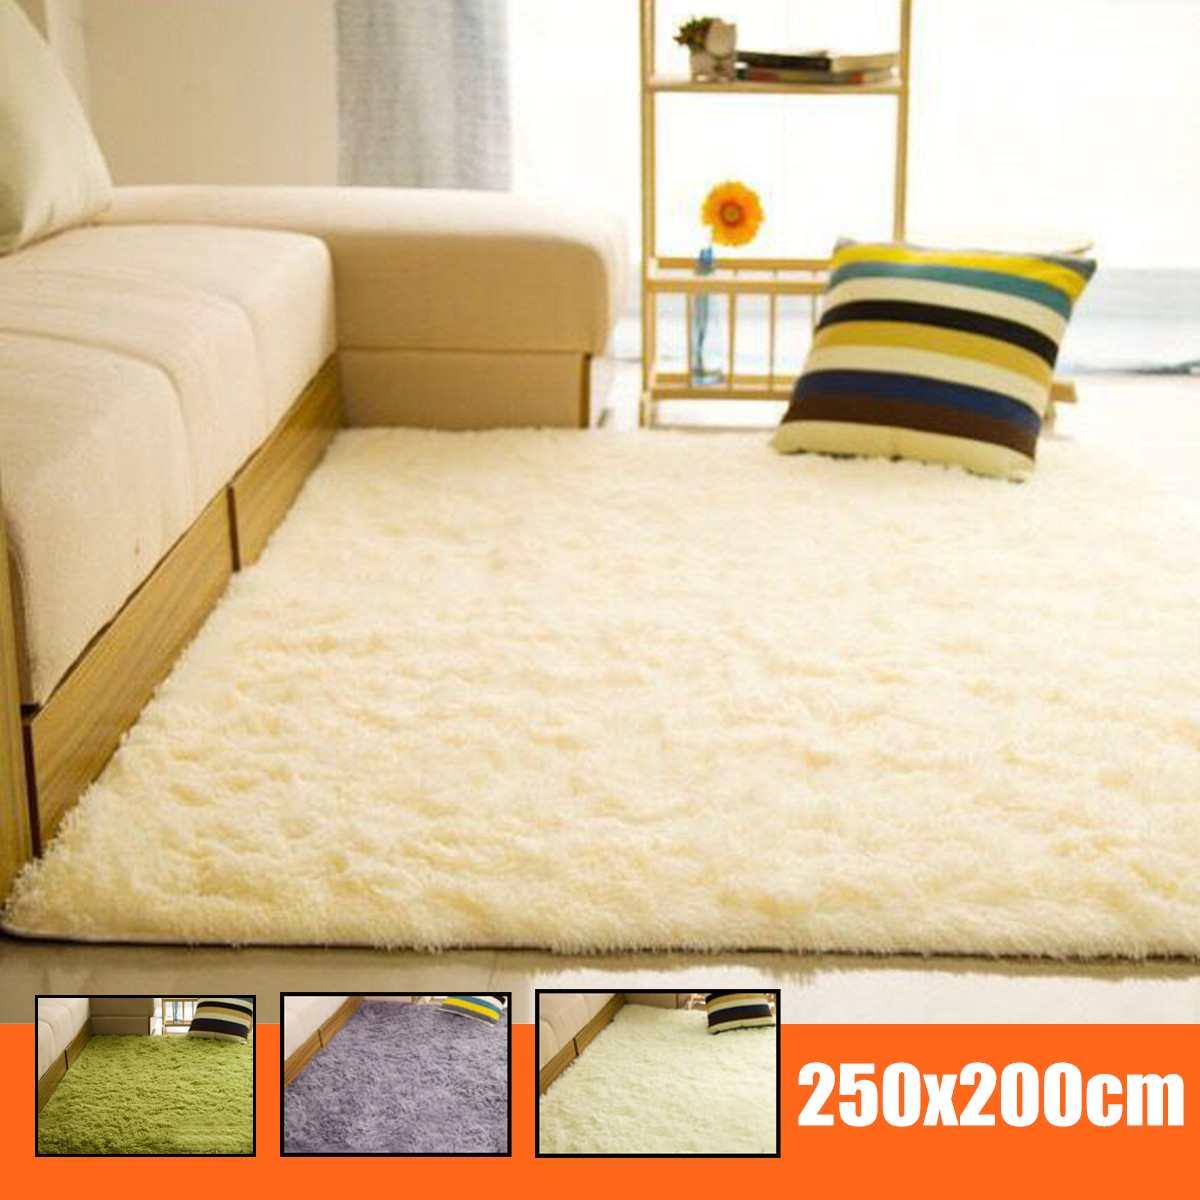 200X250 cm tapis Shaggy pour salon maison anti-dérapant chaud tapis en peluche tapis moelleux tapis enfants chambre fausse fourrure tapis soyeux